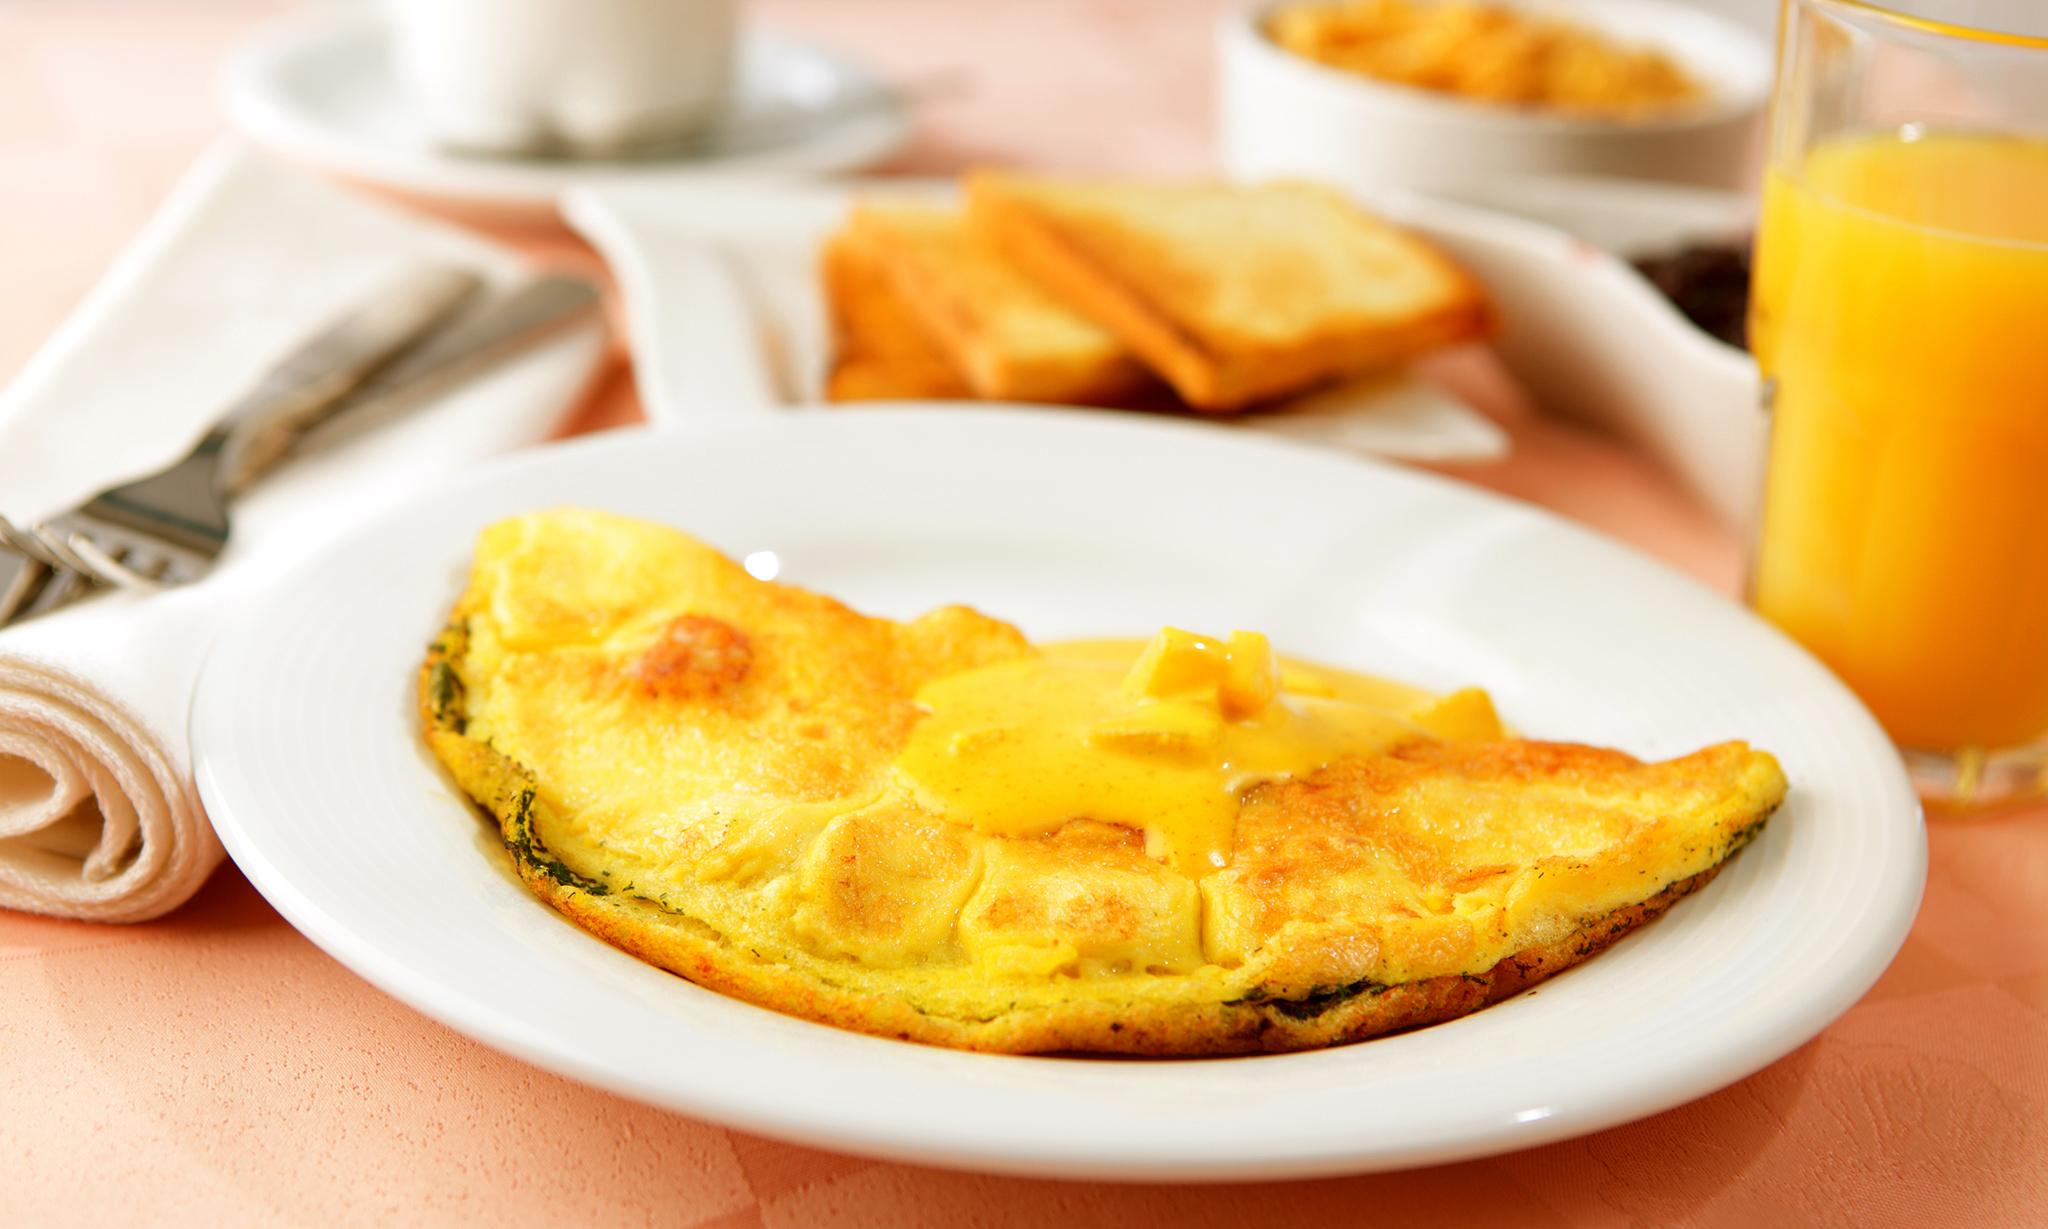 Вкусный завтрак - омлет с картофелем